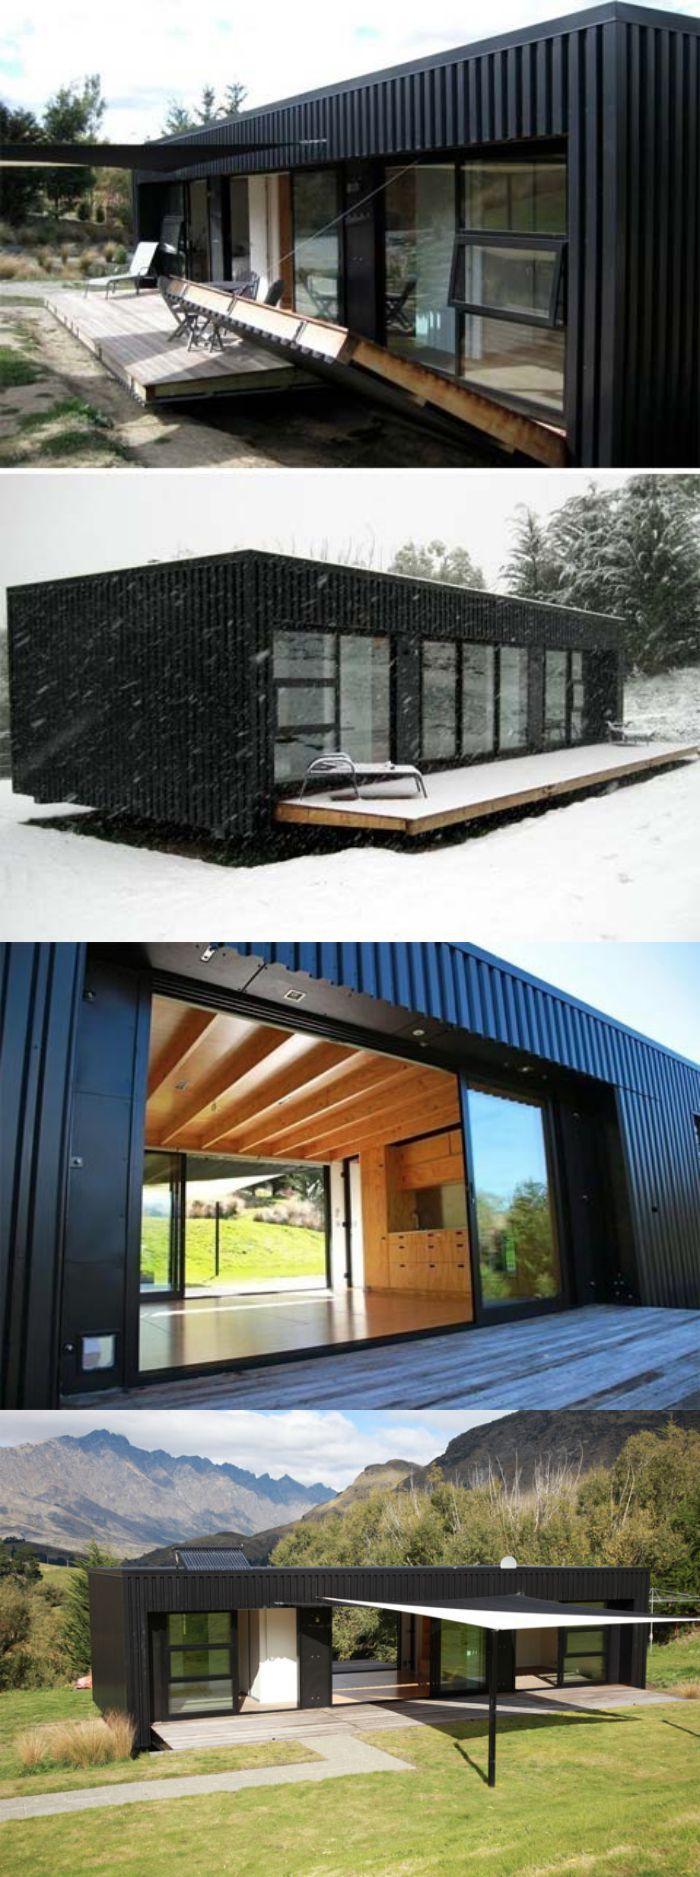 Строительство дома из контейнера своими руками: преимущества, планировка и этапы возведения